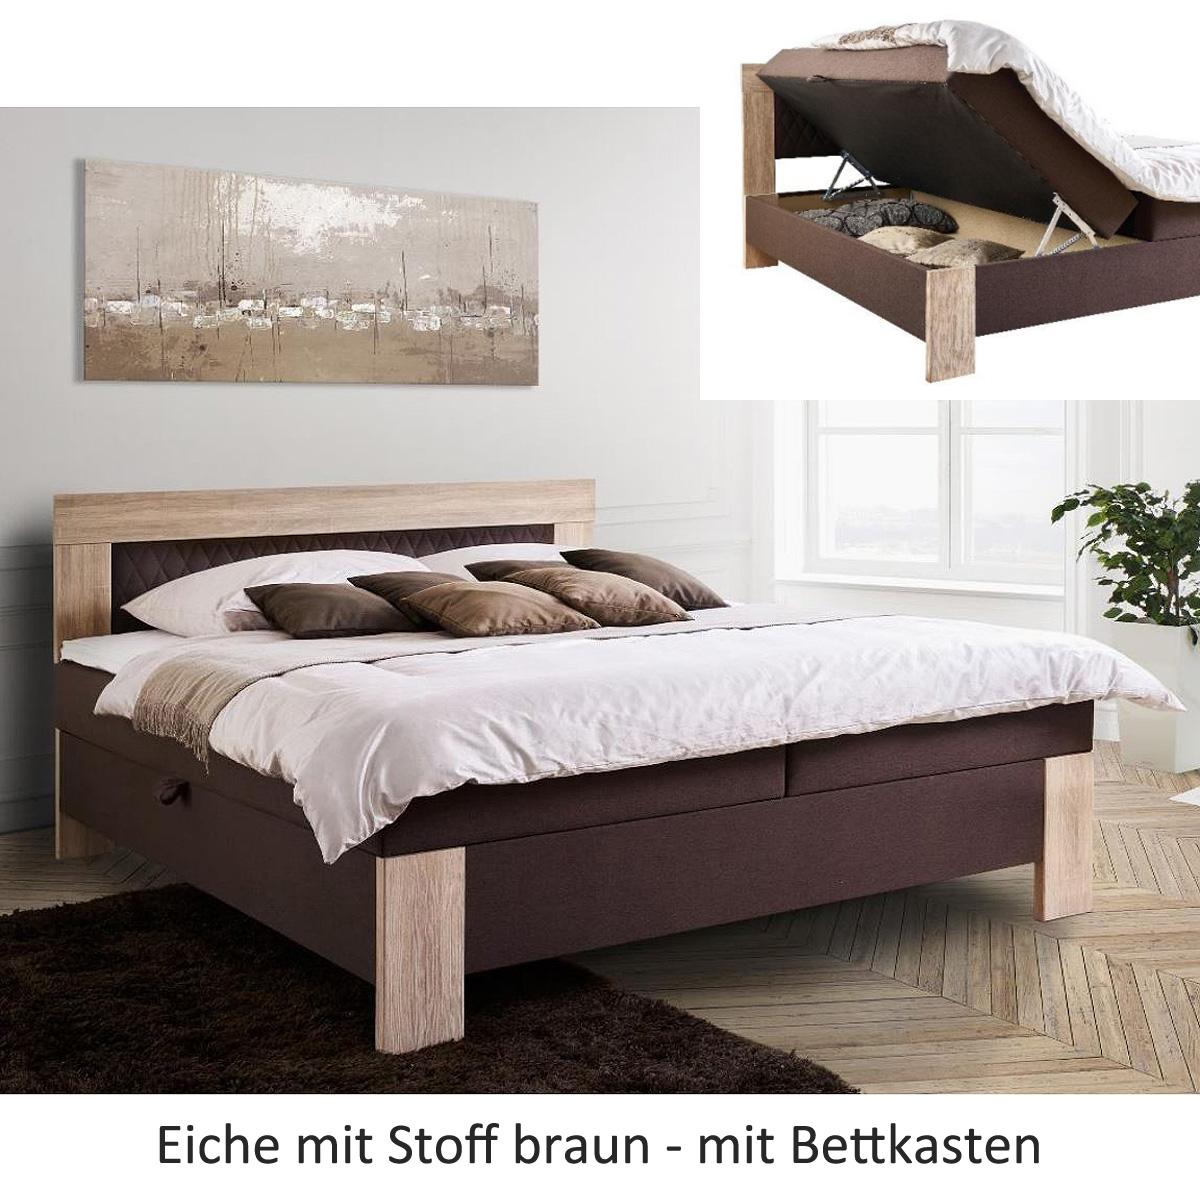 boxspringbett kiel bett hotelbett farbauswahl 2 stofffarben 3 holzfarben 180 cm ebay. Black Bedroom Furniture Sets. Home Design Ideas